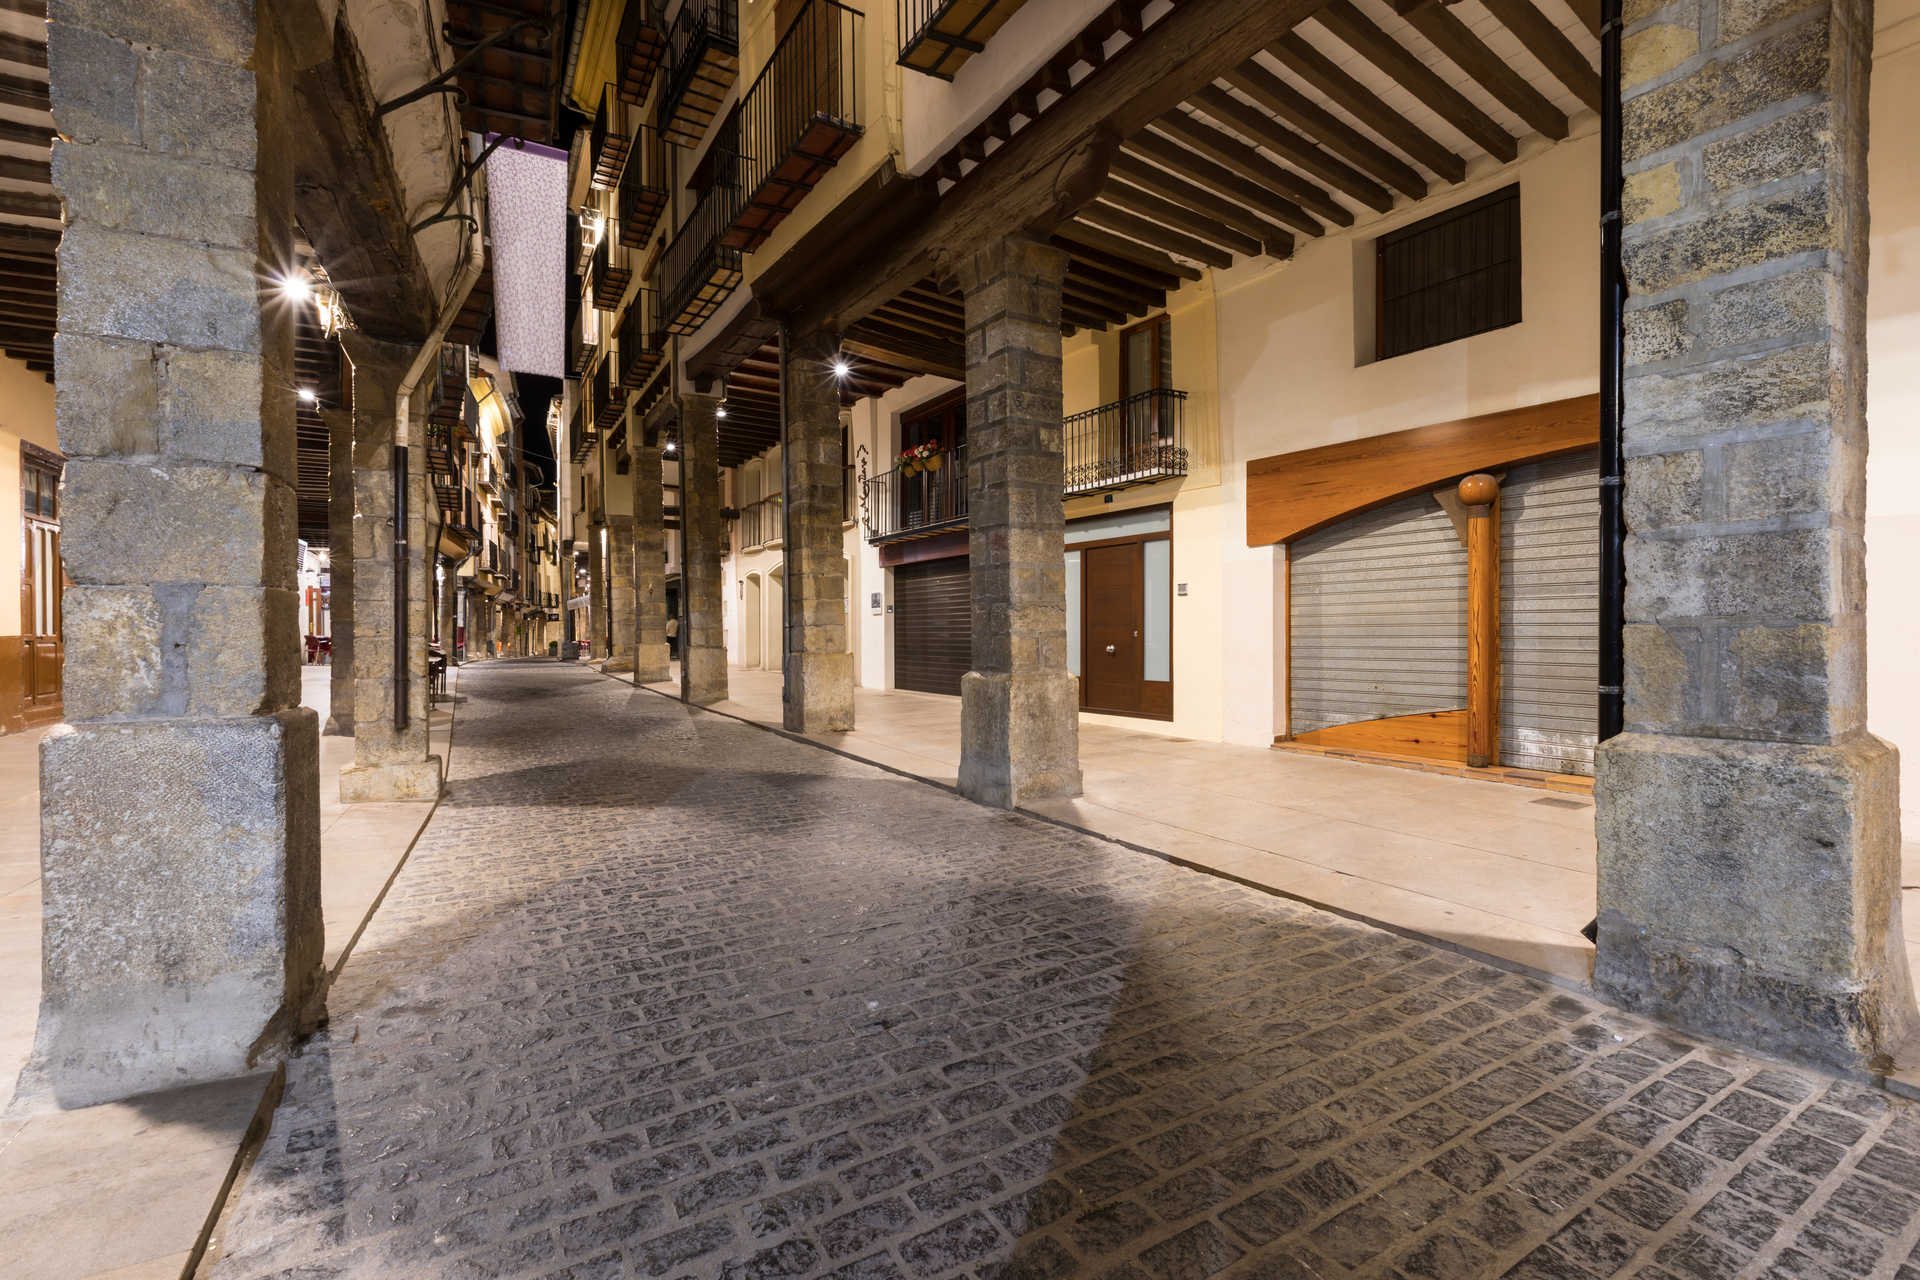 Ciudad de Morella